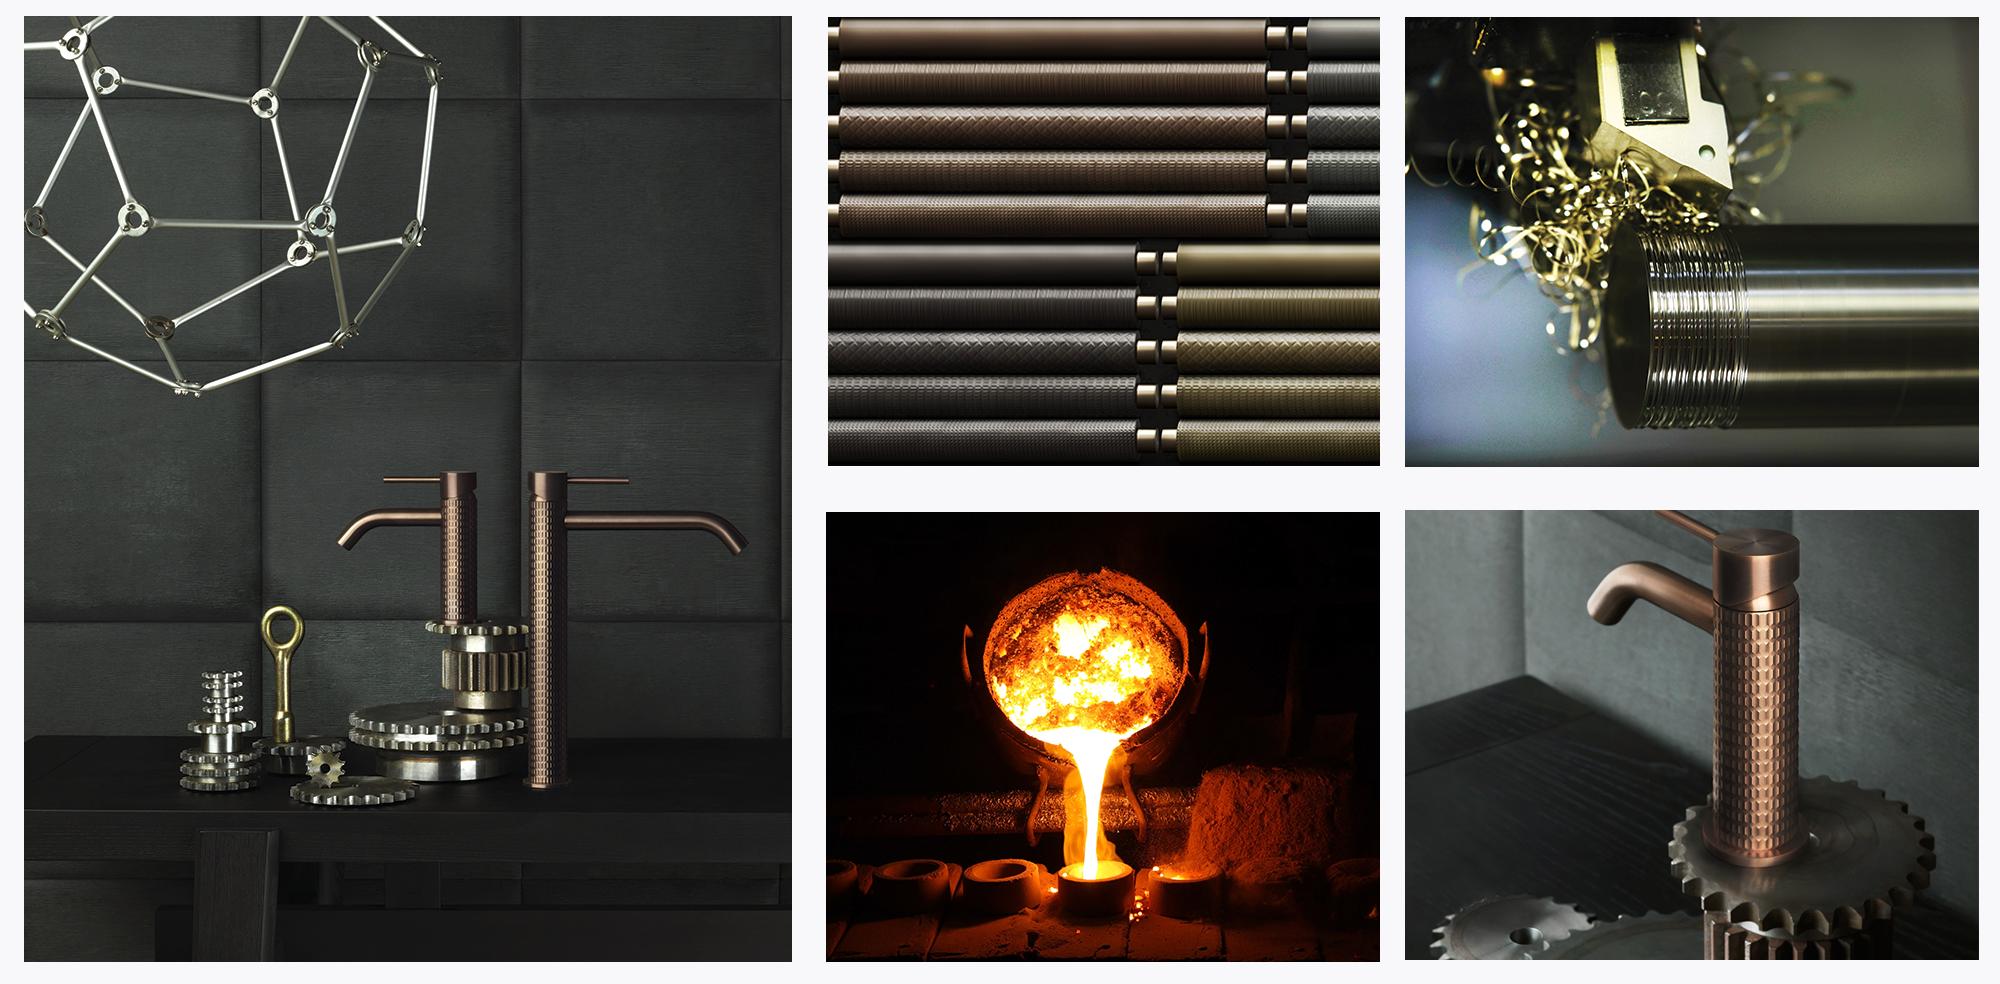 Vẻ đẹp nguyên bản trong các thiết kế từ thủ công truyền thống đến công nghệ hiện đại - Ảnh 11.